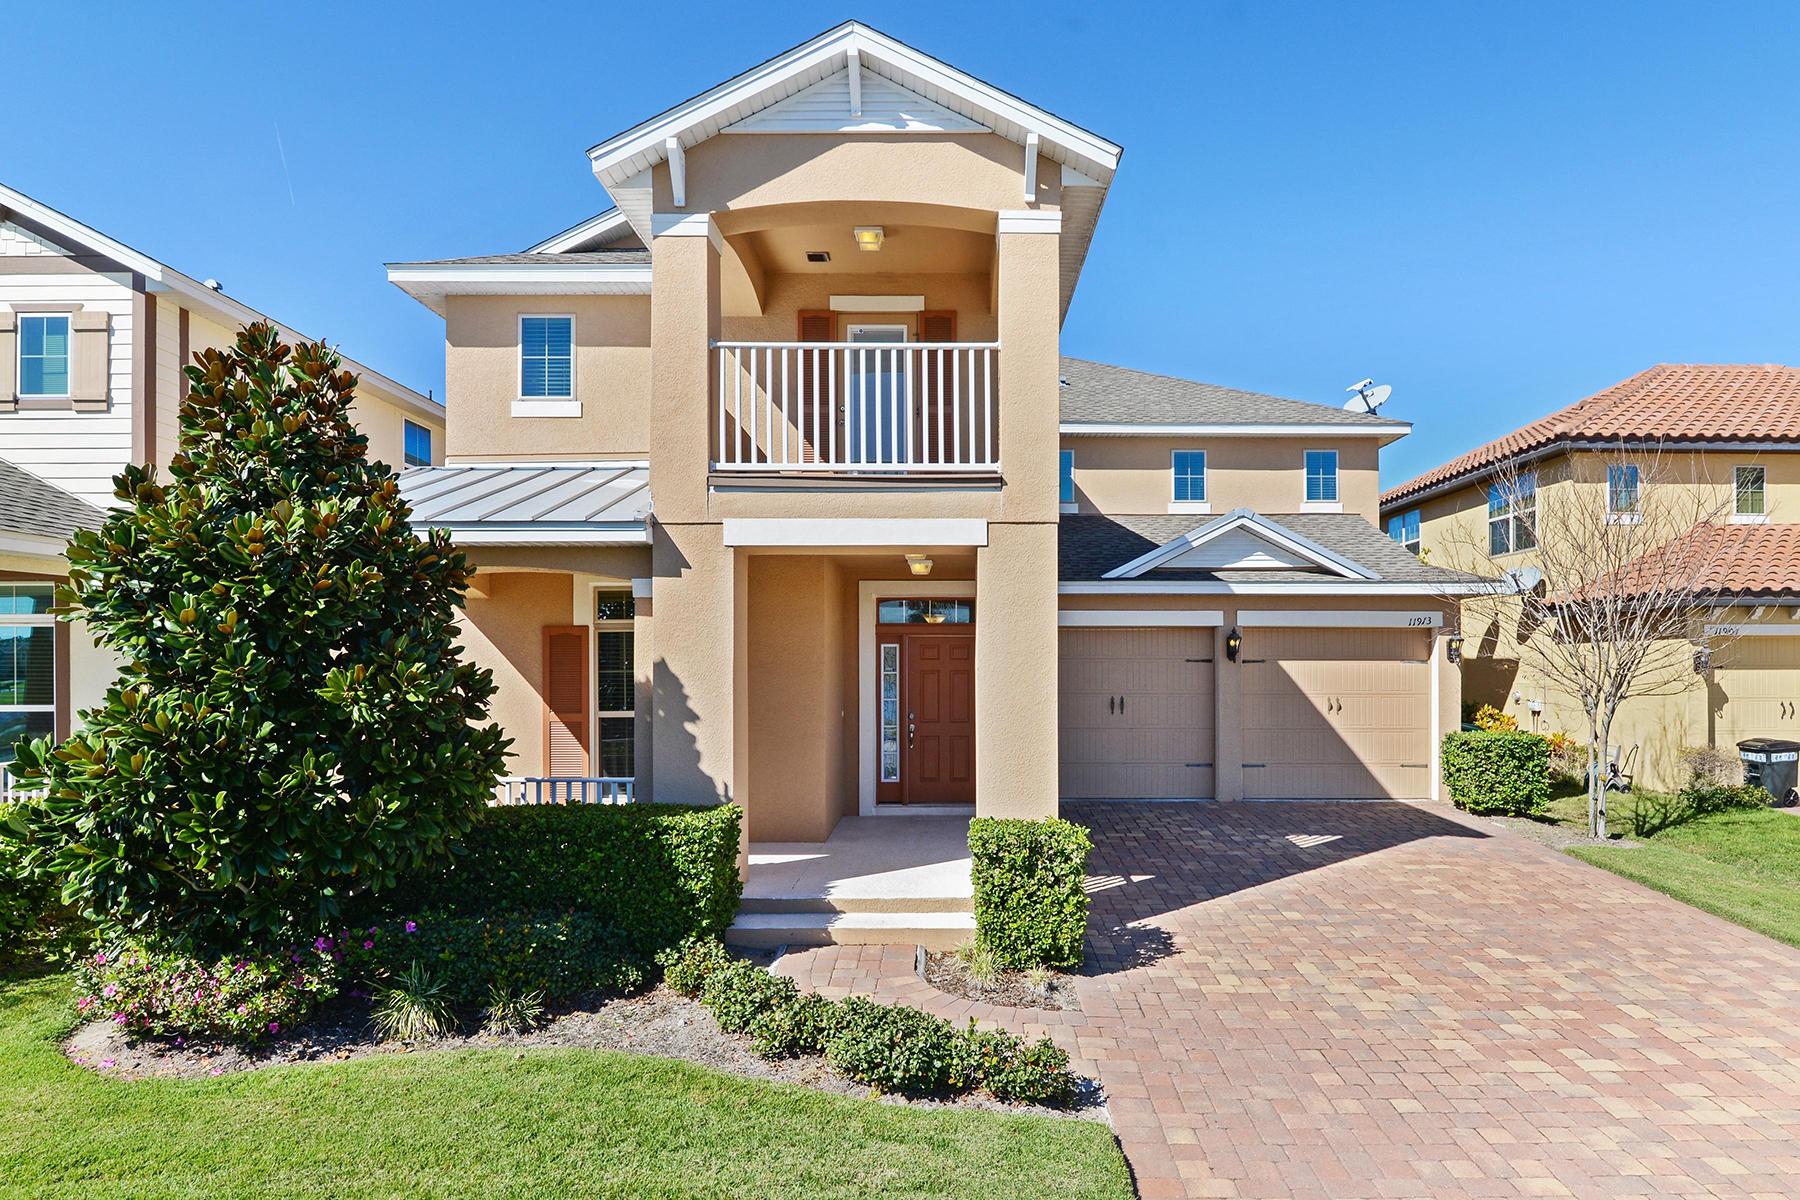 Nhà ở một gia đình vì Bán tại Windermere,Florida 11913 Gold Creek Trl Windermere, Florida, 34786 Hoa Kỳ